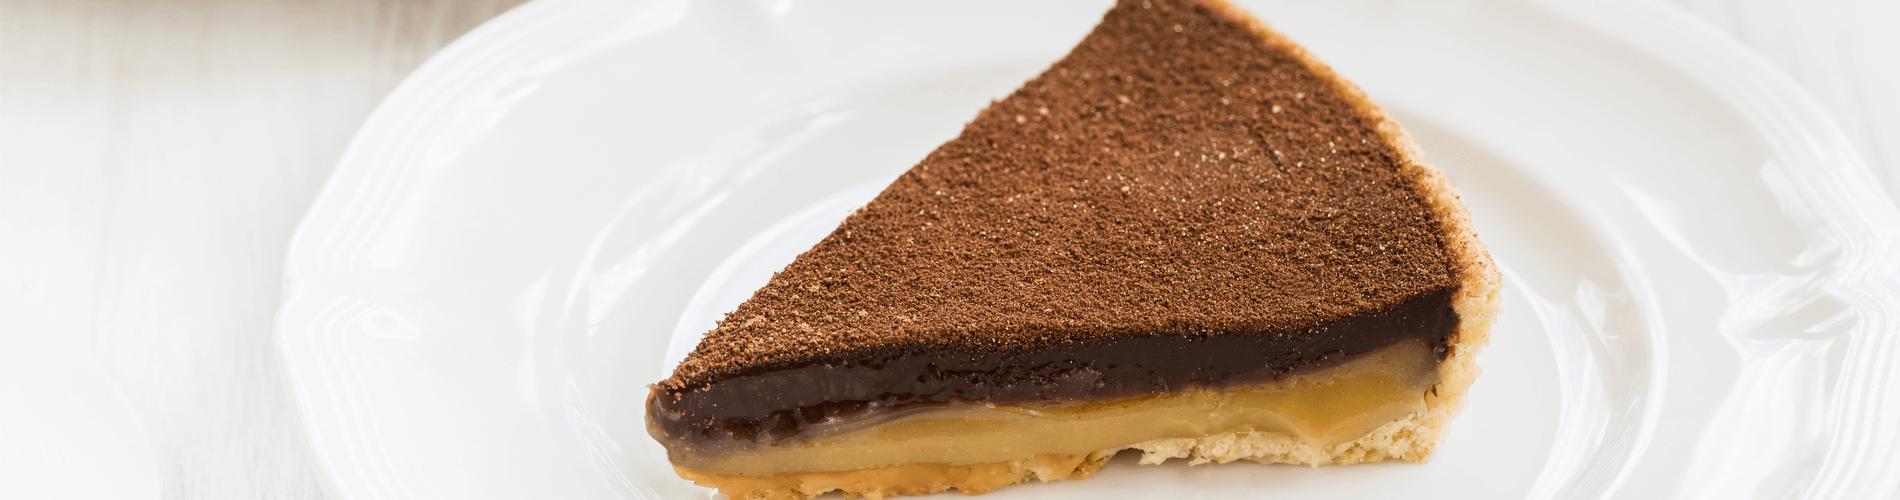 tarte choclat et dulce